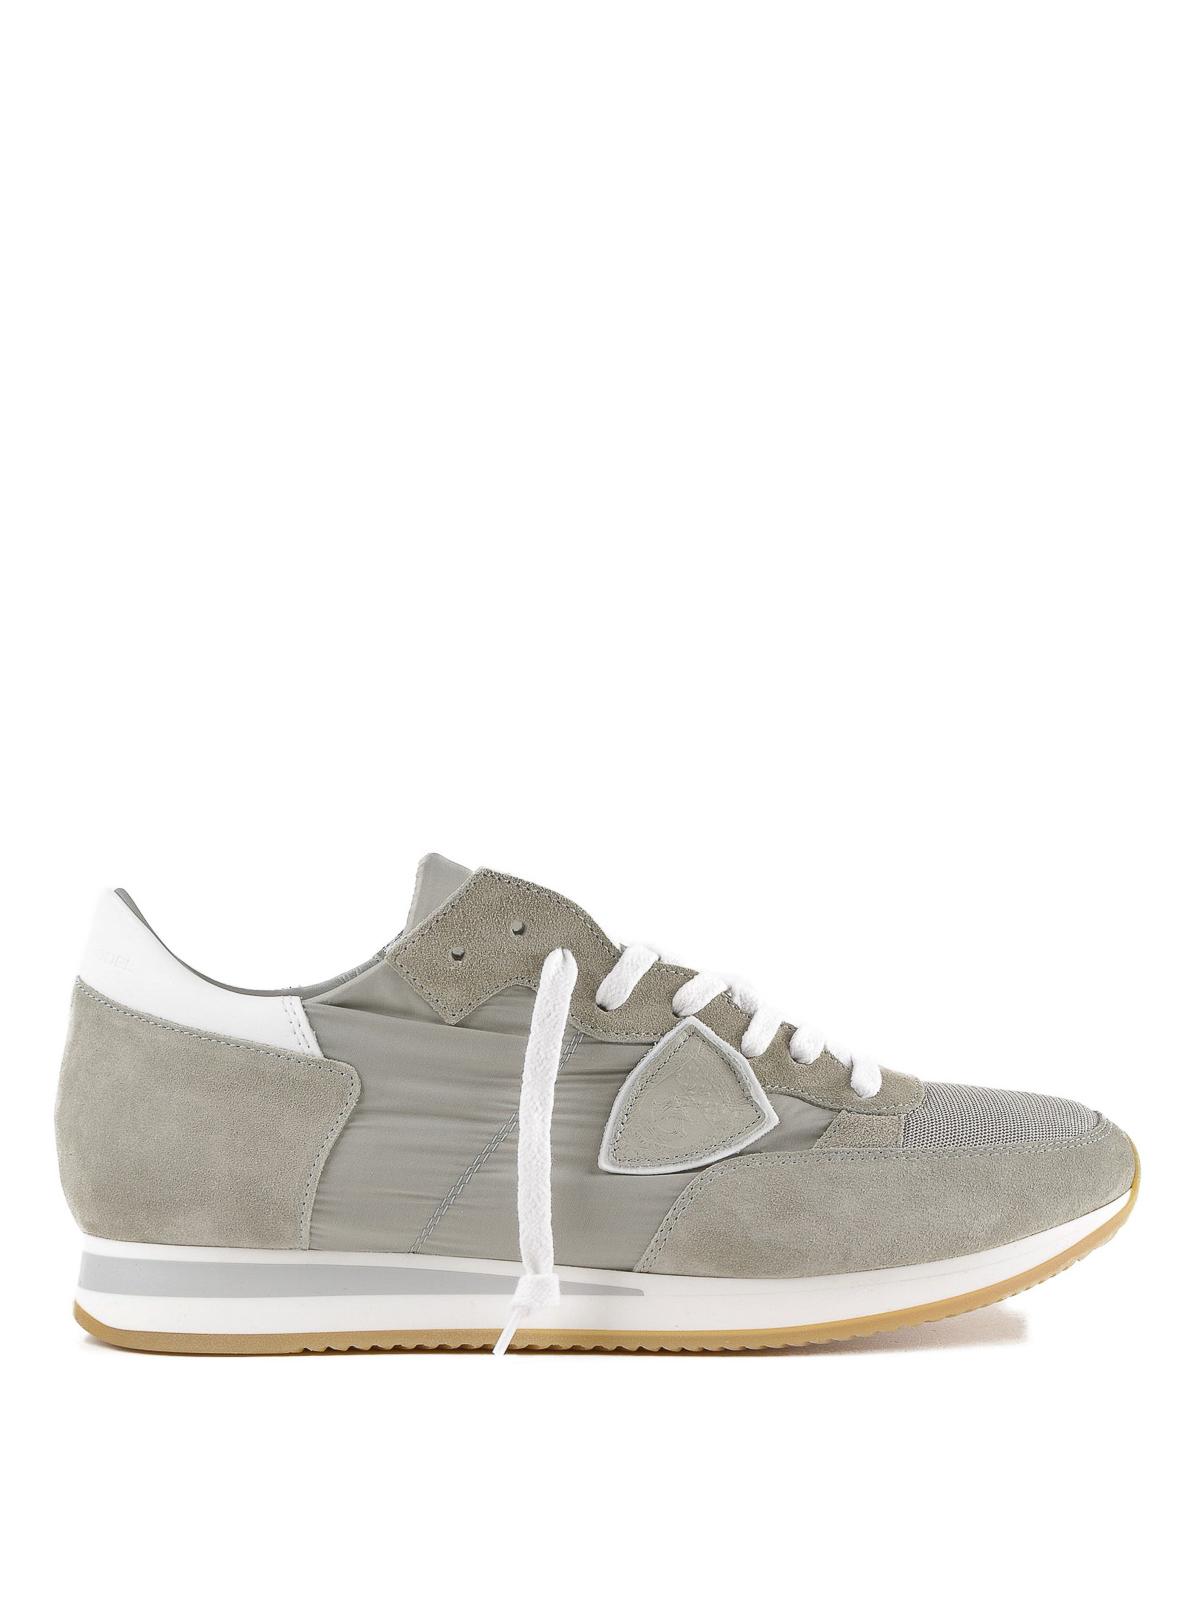 Model Philippe Grau Shop Sneaker Online Trlu1116Ikrix Rjc354AqL